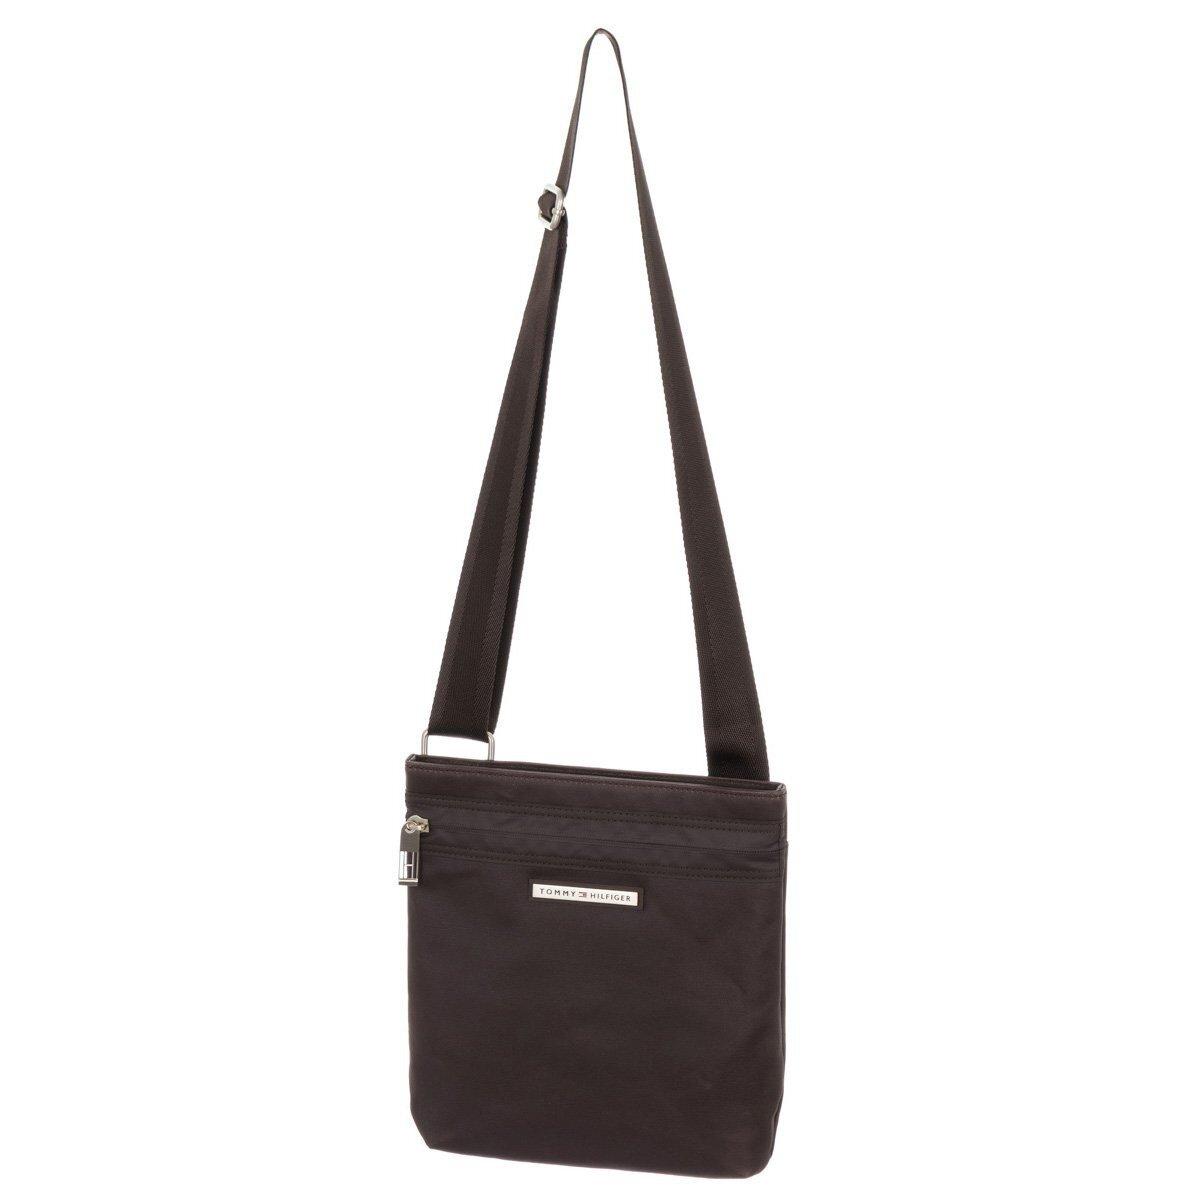 848af068b1 Pánská hnědá taška s kapsou na zip Tommy Hilfiger